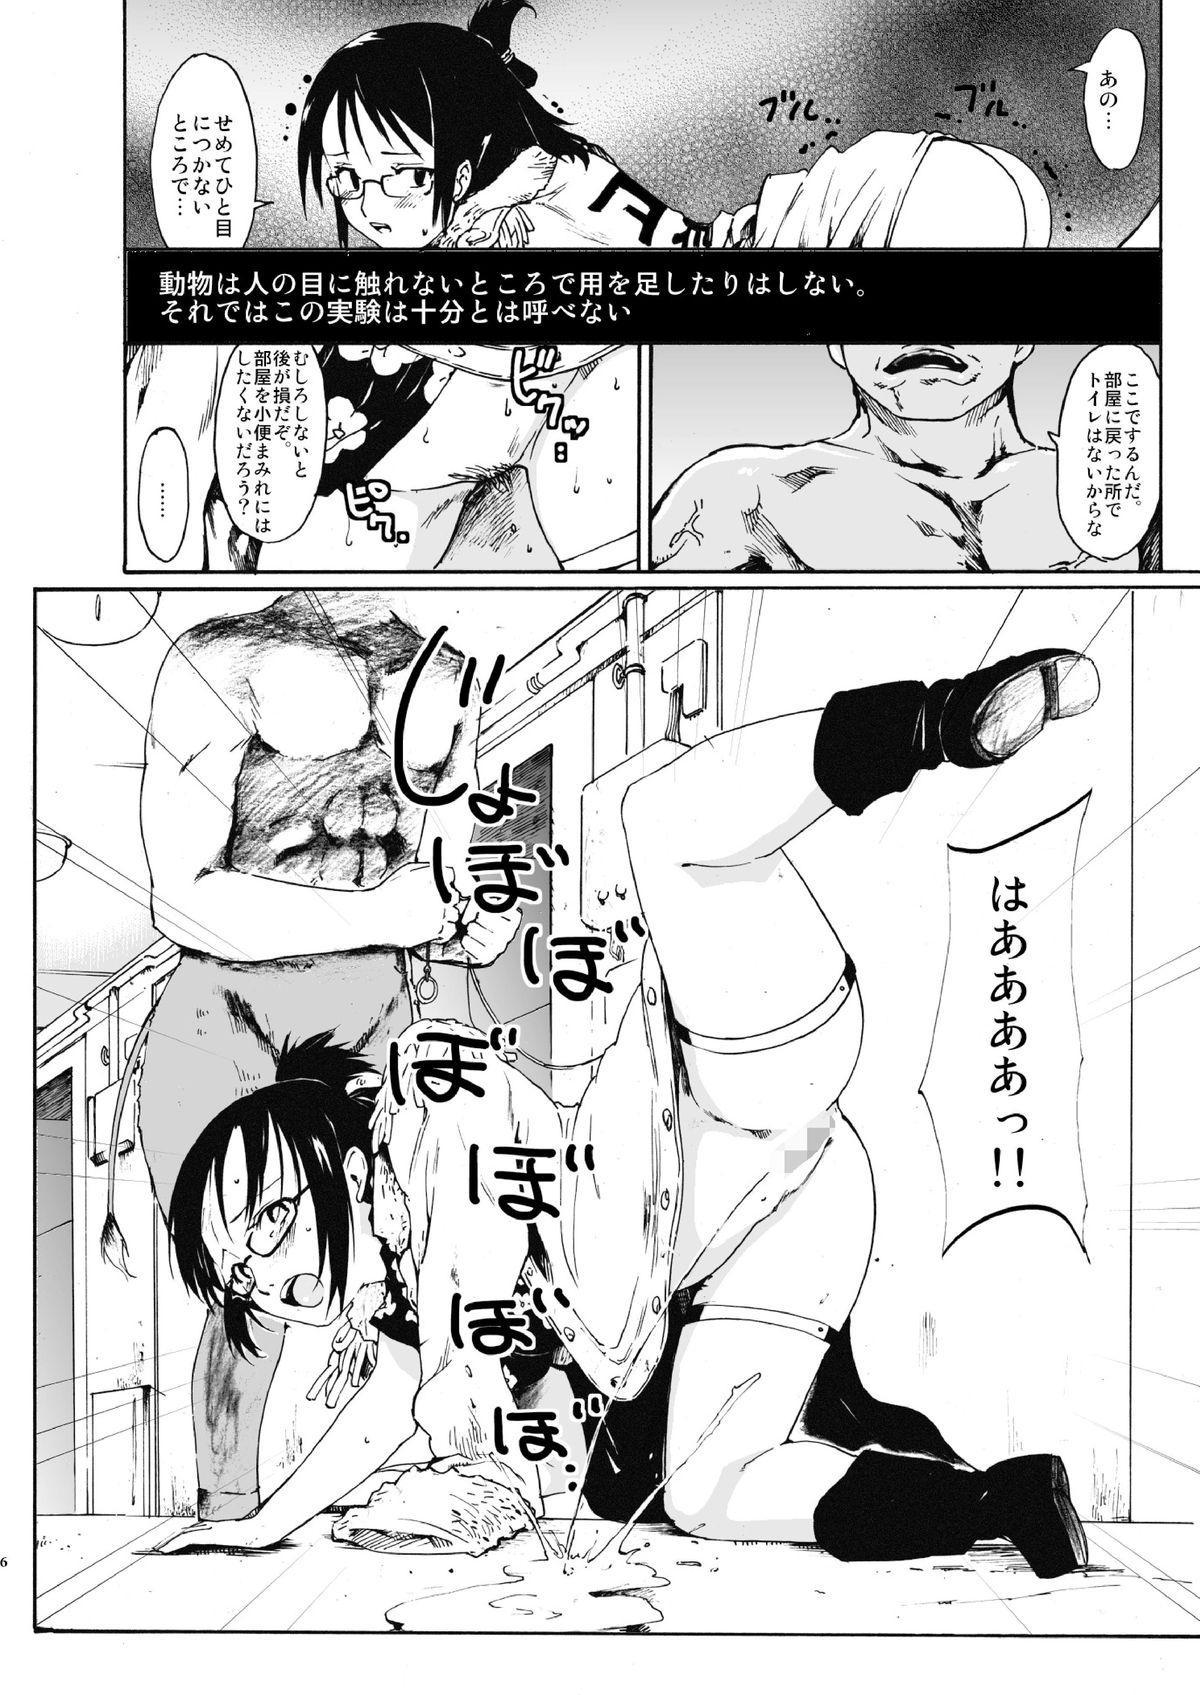 Zoku Gokkan no Jikkenshitsu 4